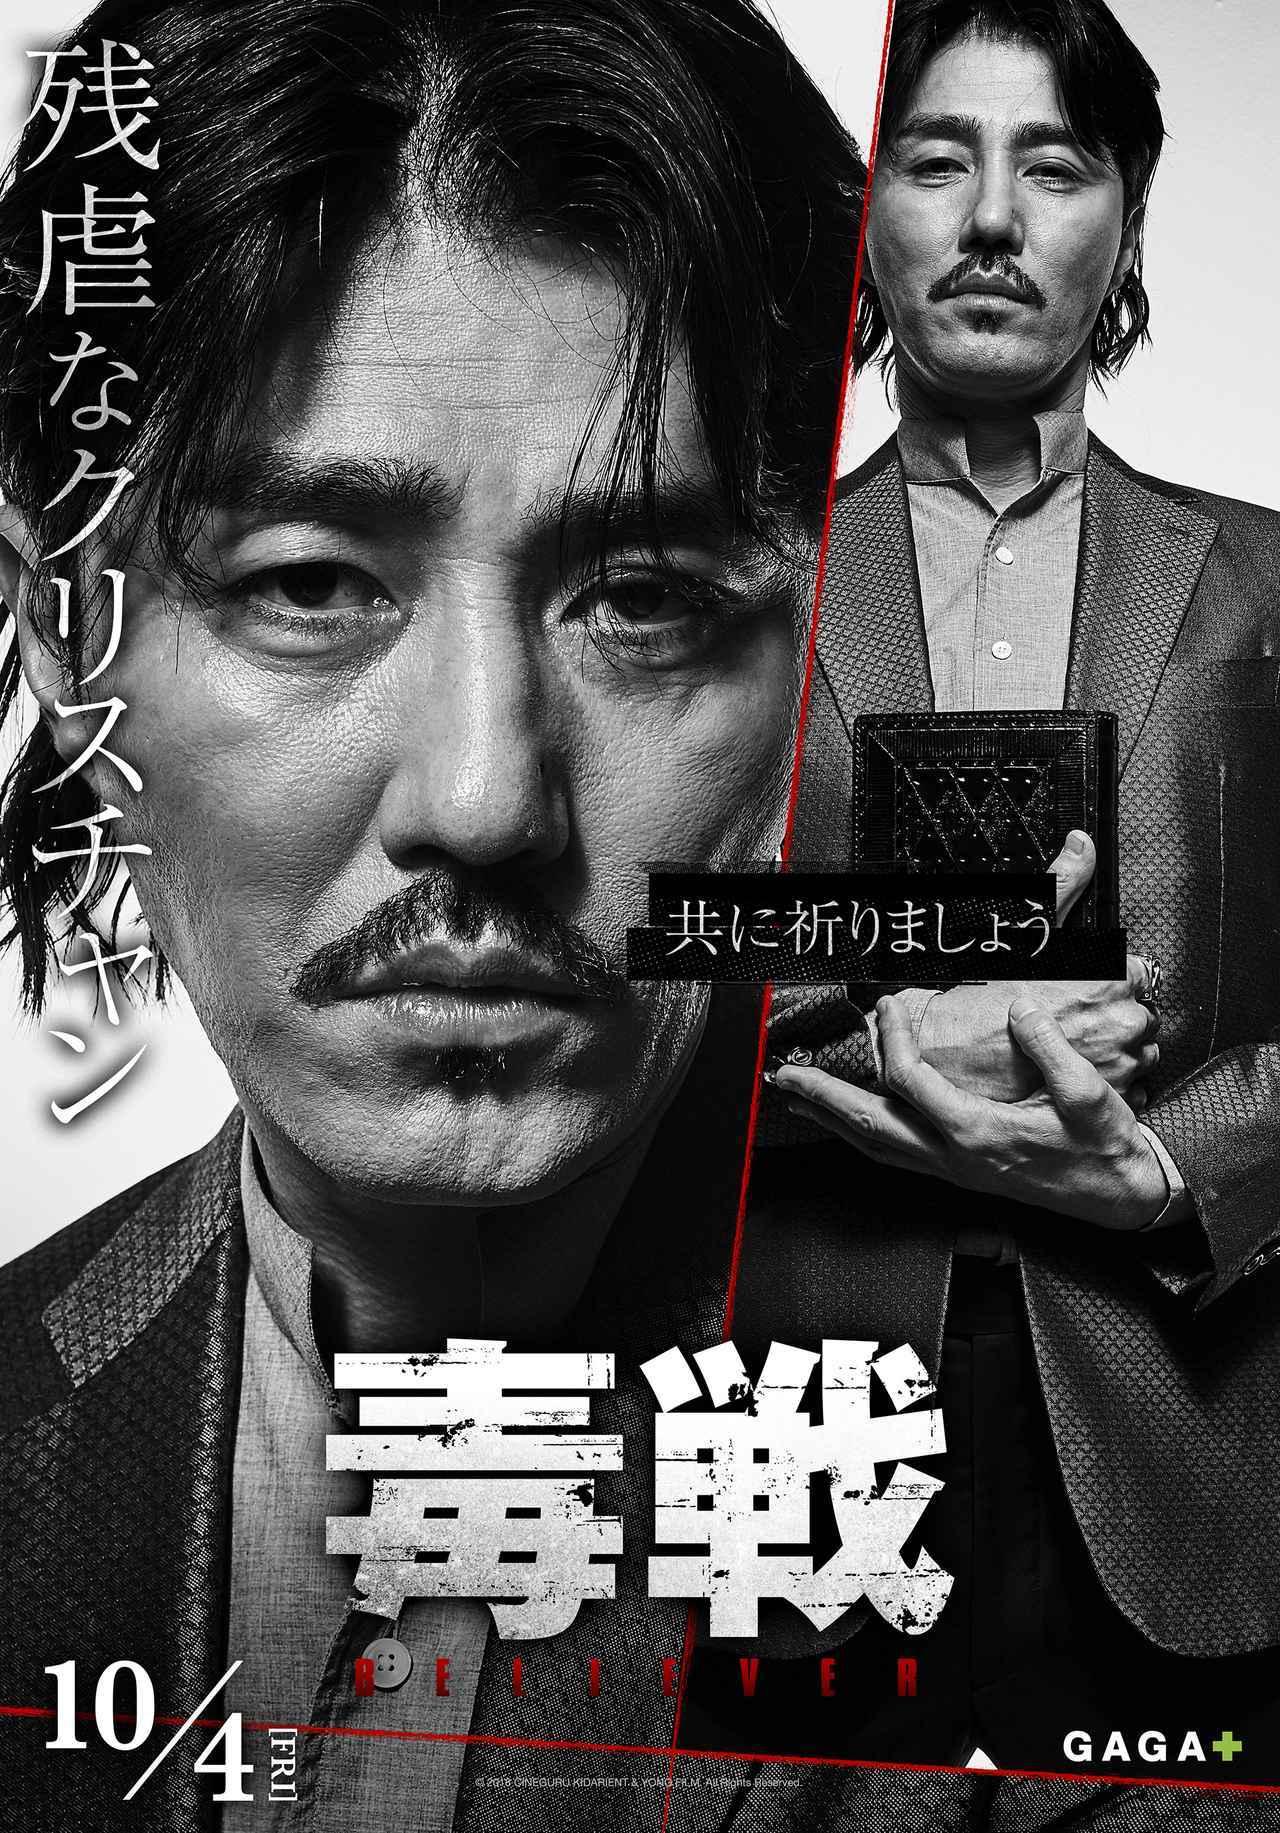 画像5: © 2018 CINEGURU KIDARIENT & YONG FILM. All Rights Reserved.